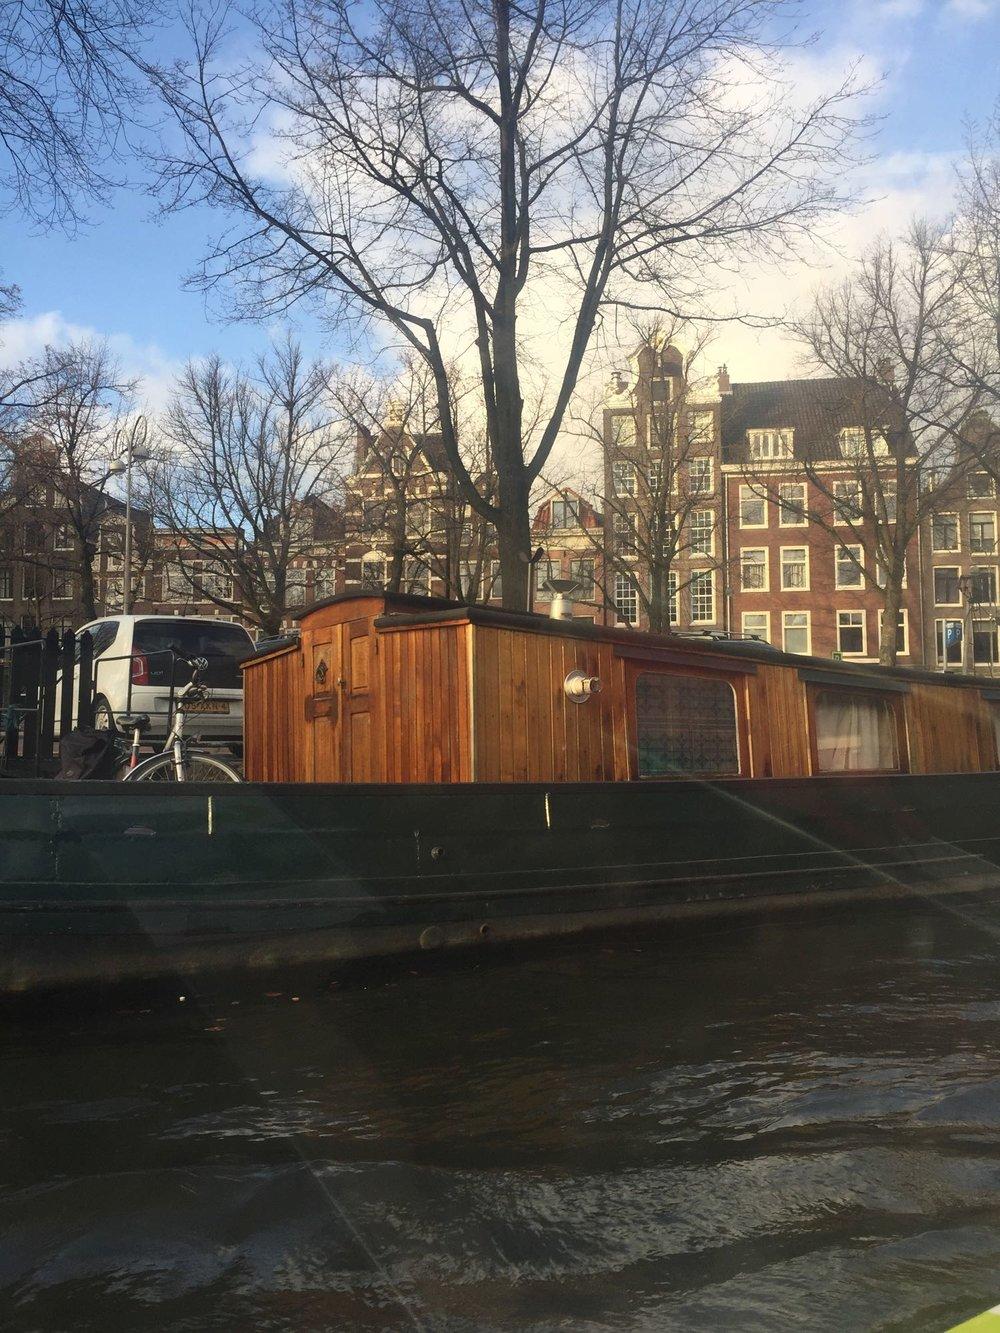 Amsterdam-canal-tour.jpg